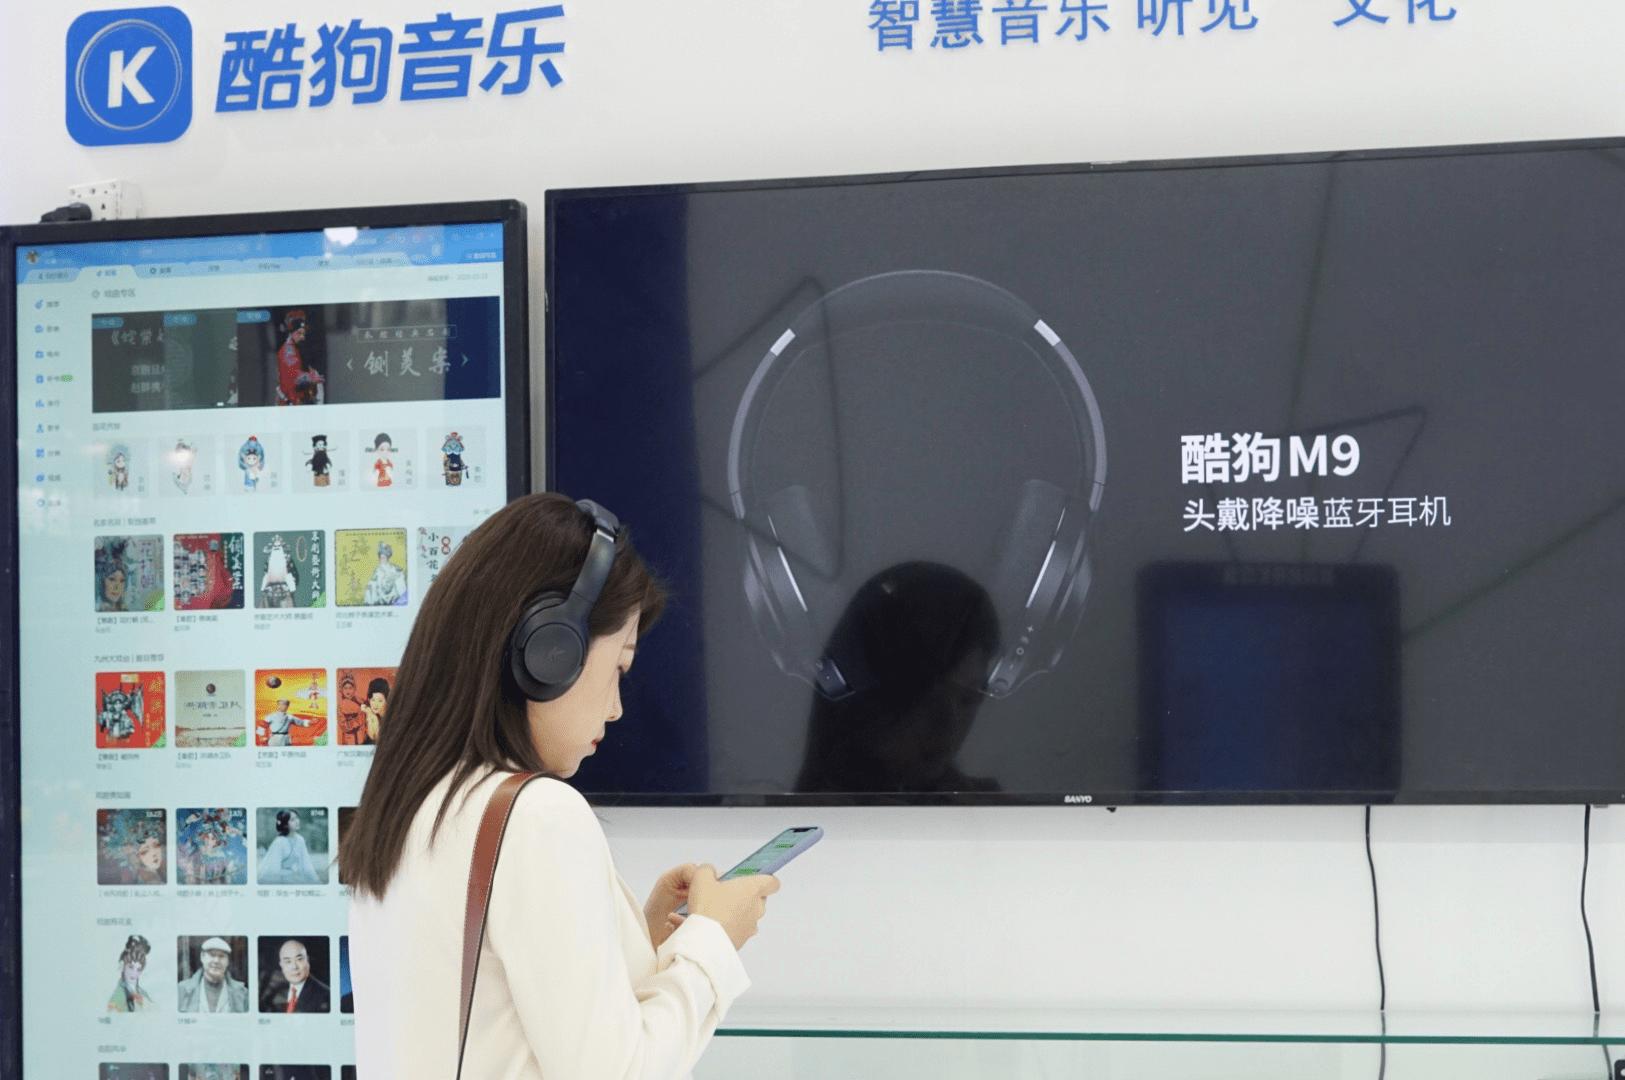 智慧音乐亮相南京融交会 科技推动文化产业创新